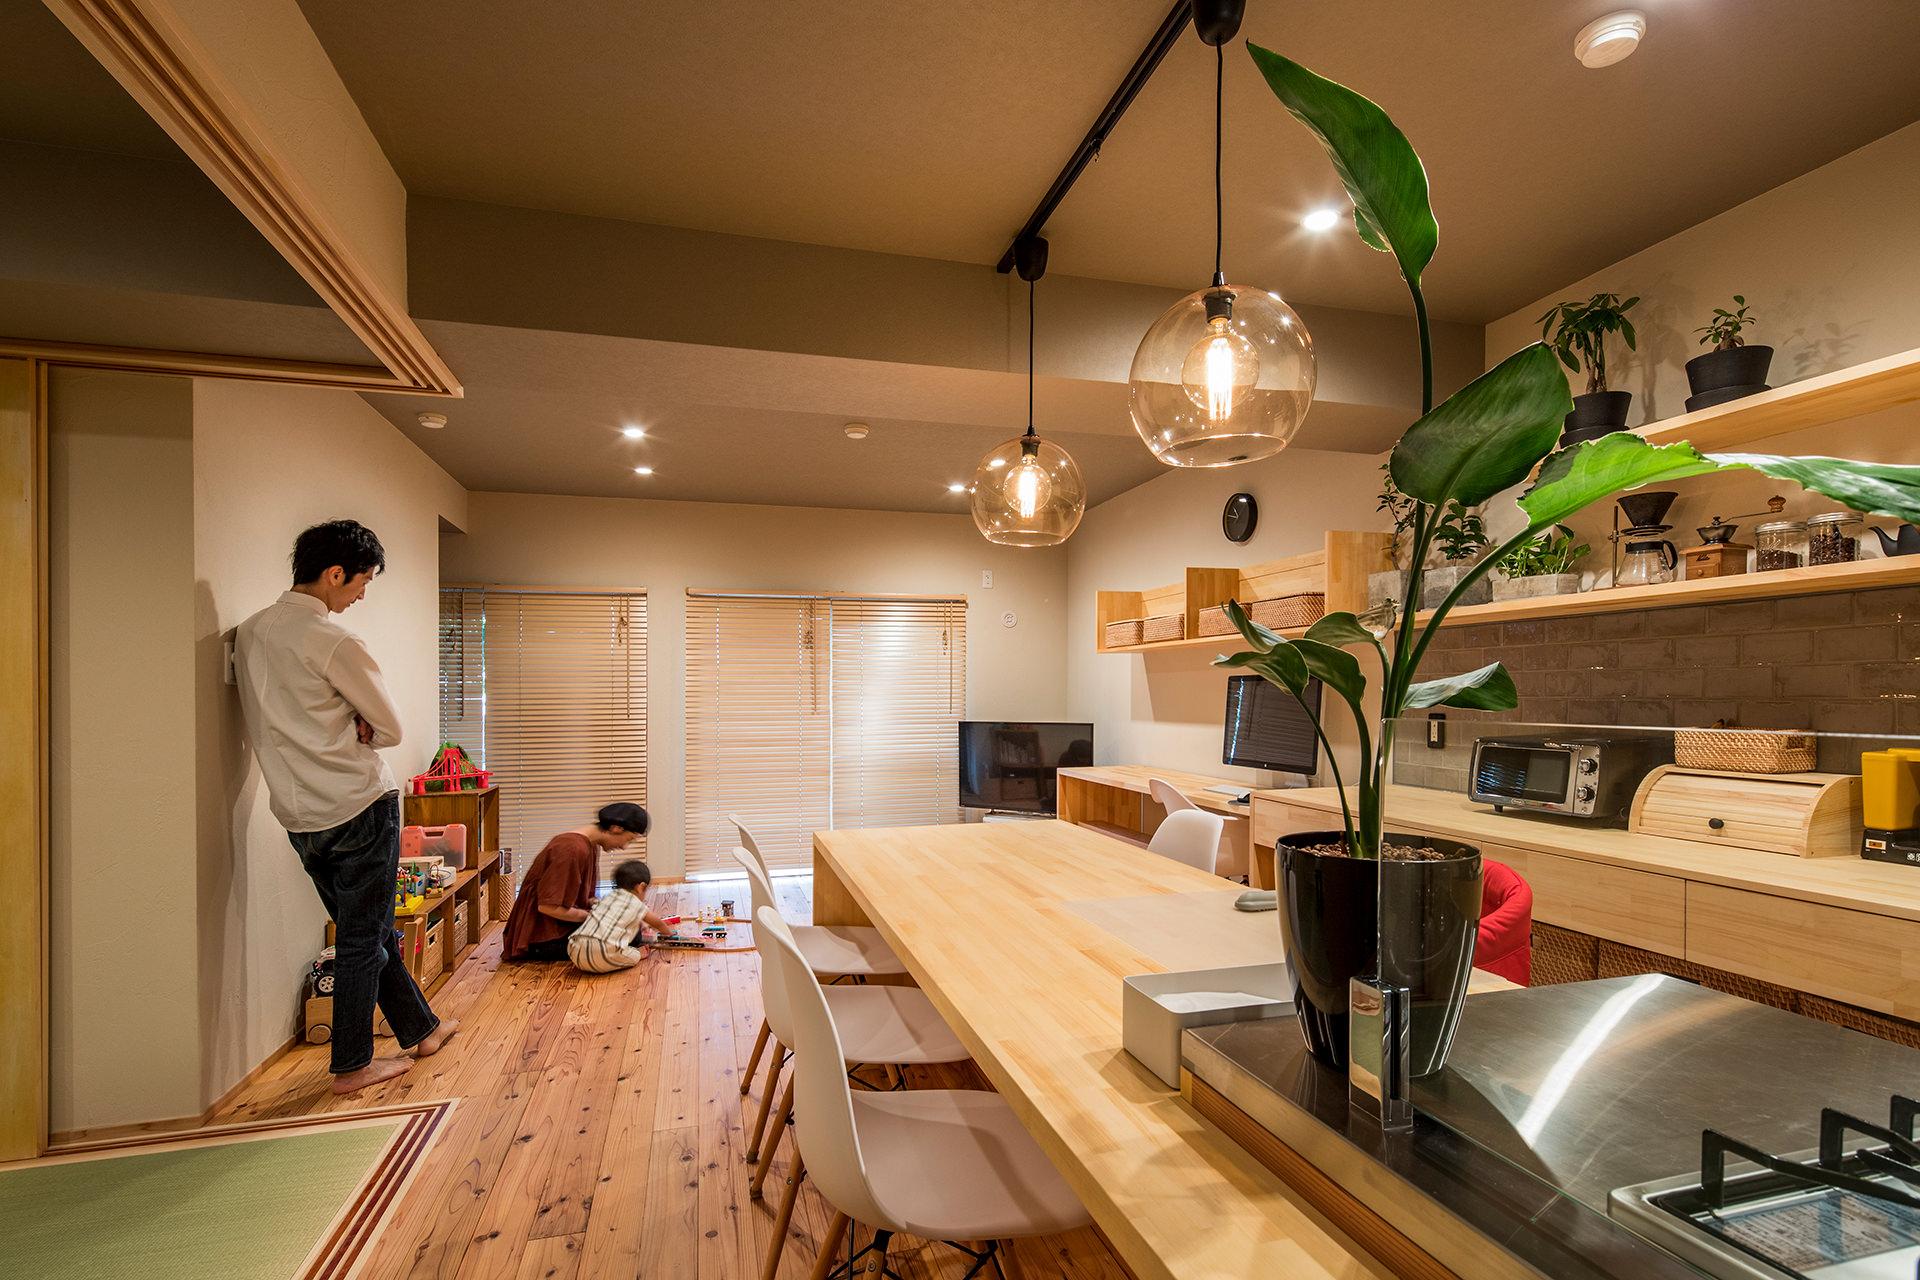 「アイランドキッチンと広々LDKの暮らしを愉しむ家」イメージ02 撮影:東涌宏和